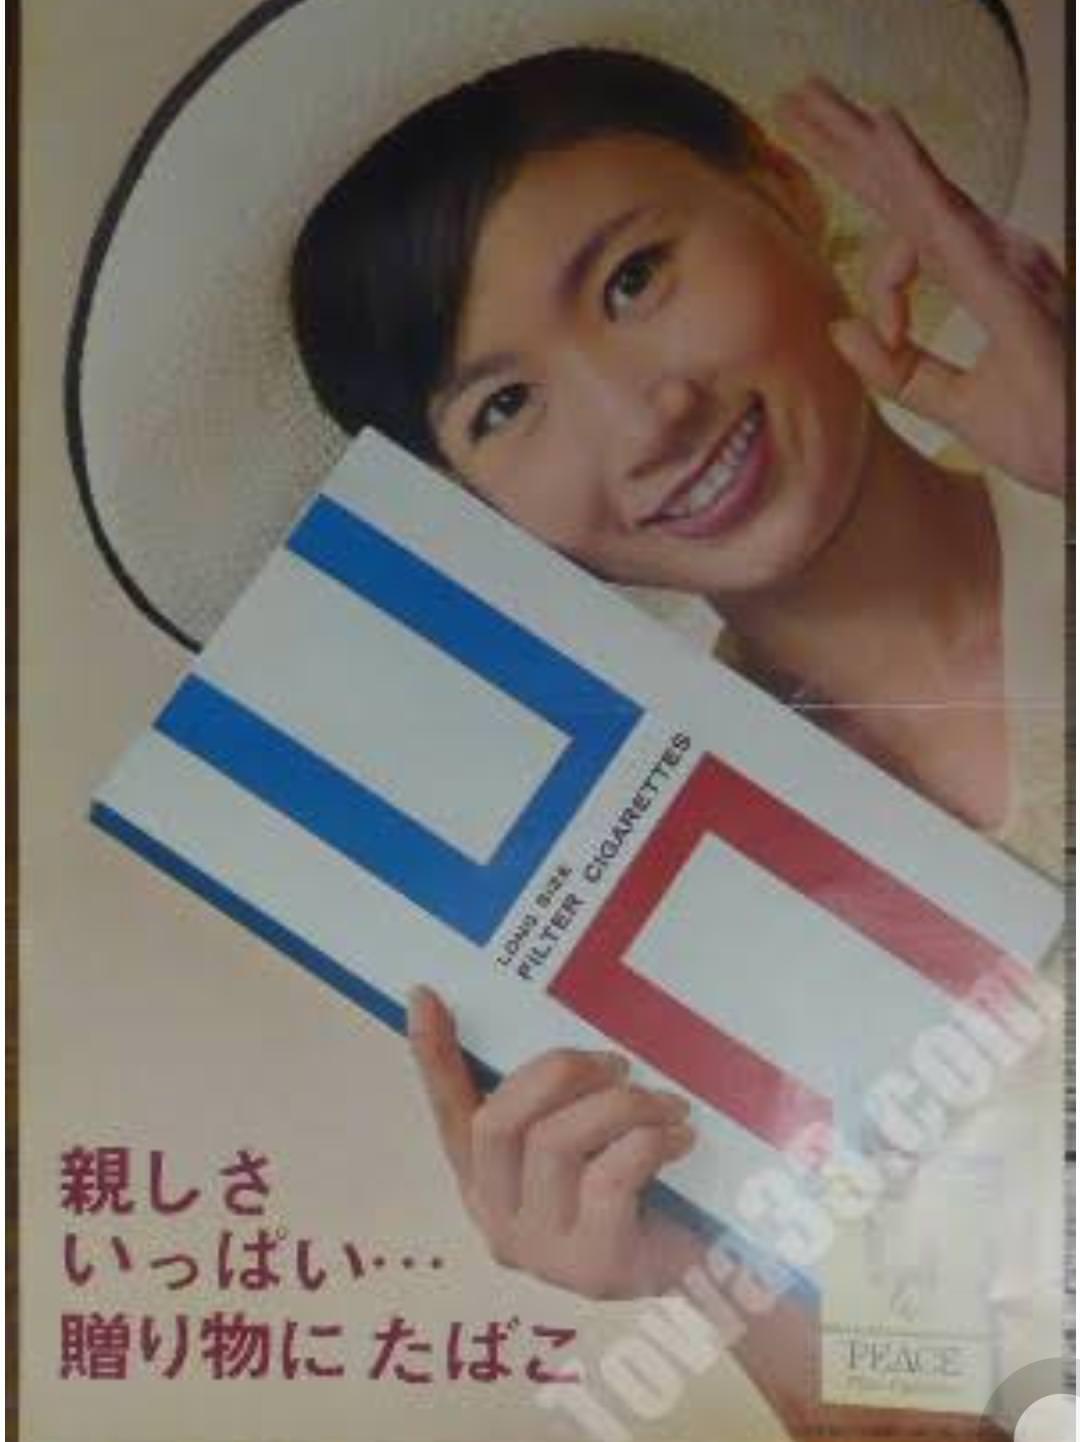 【小池百合子】東京都の全事業所で職員の喫煙所利用を禁止wwwwwwwwwwのサムネイル画像